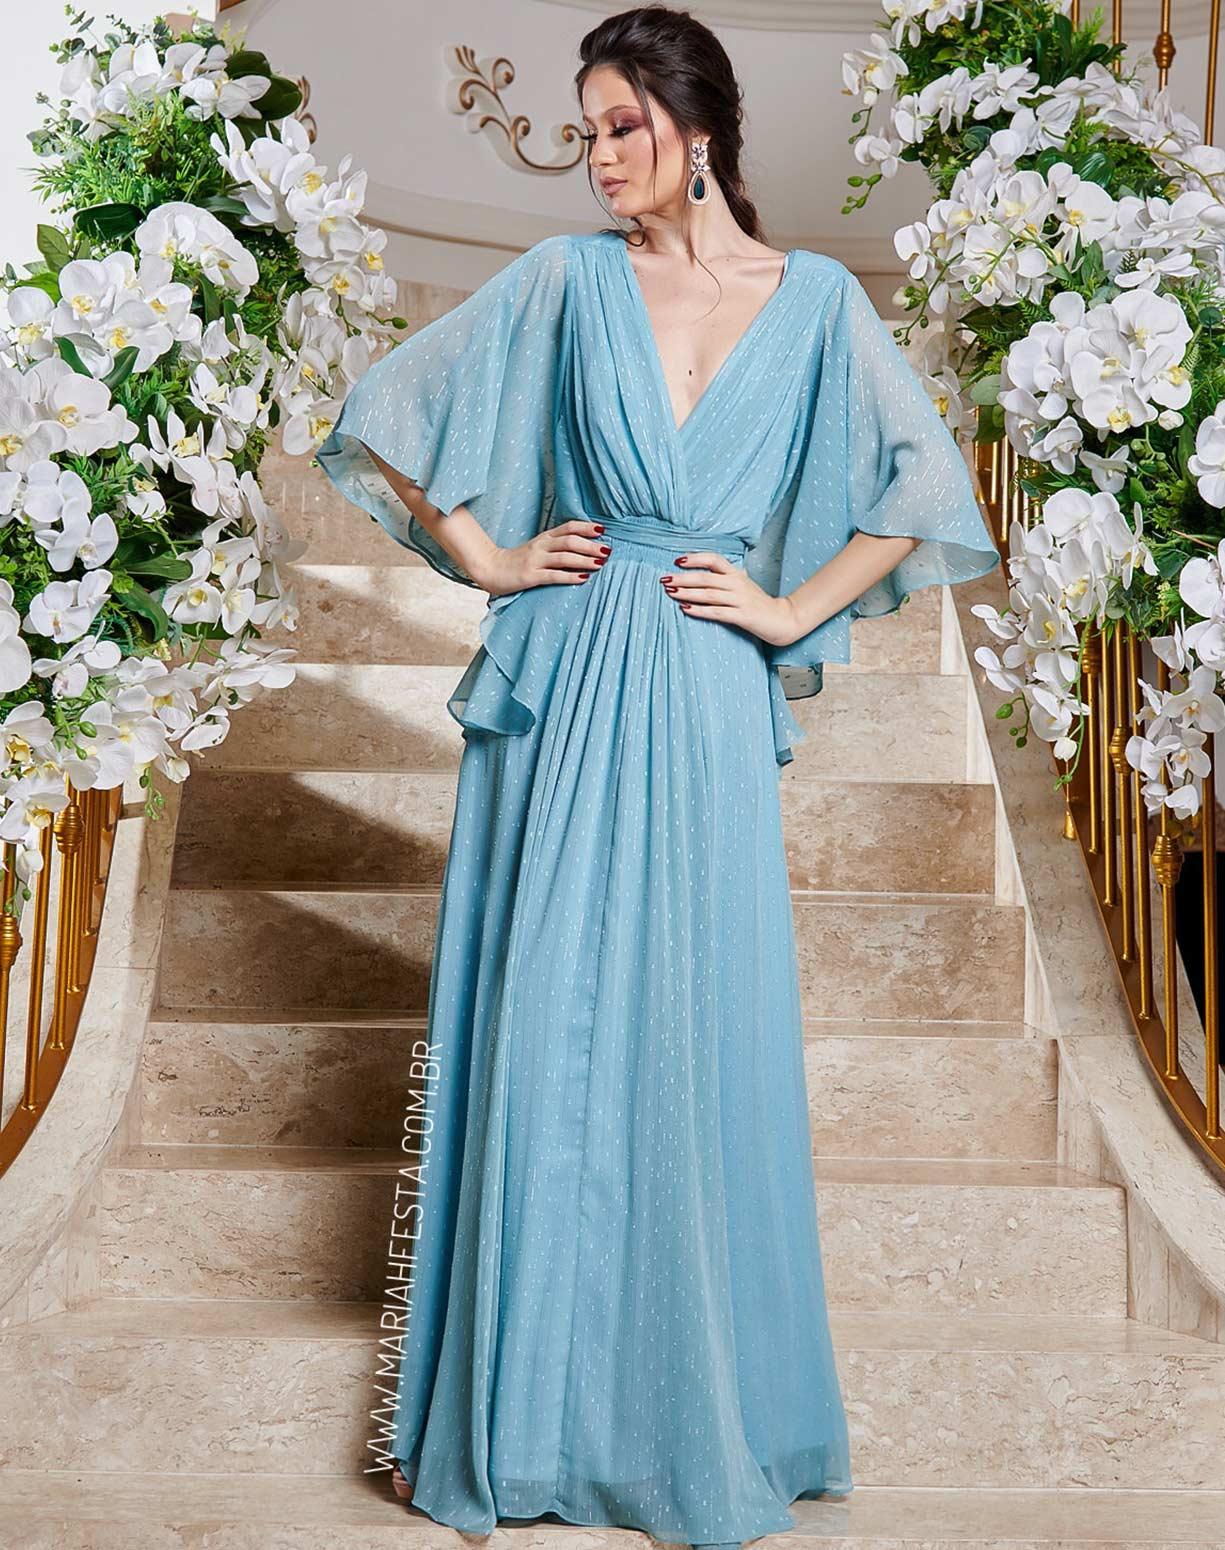 Vestido Voal Azul Serenity com Textura em Poá